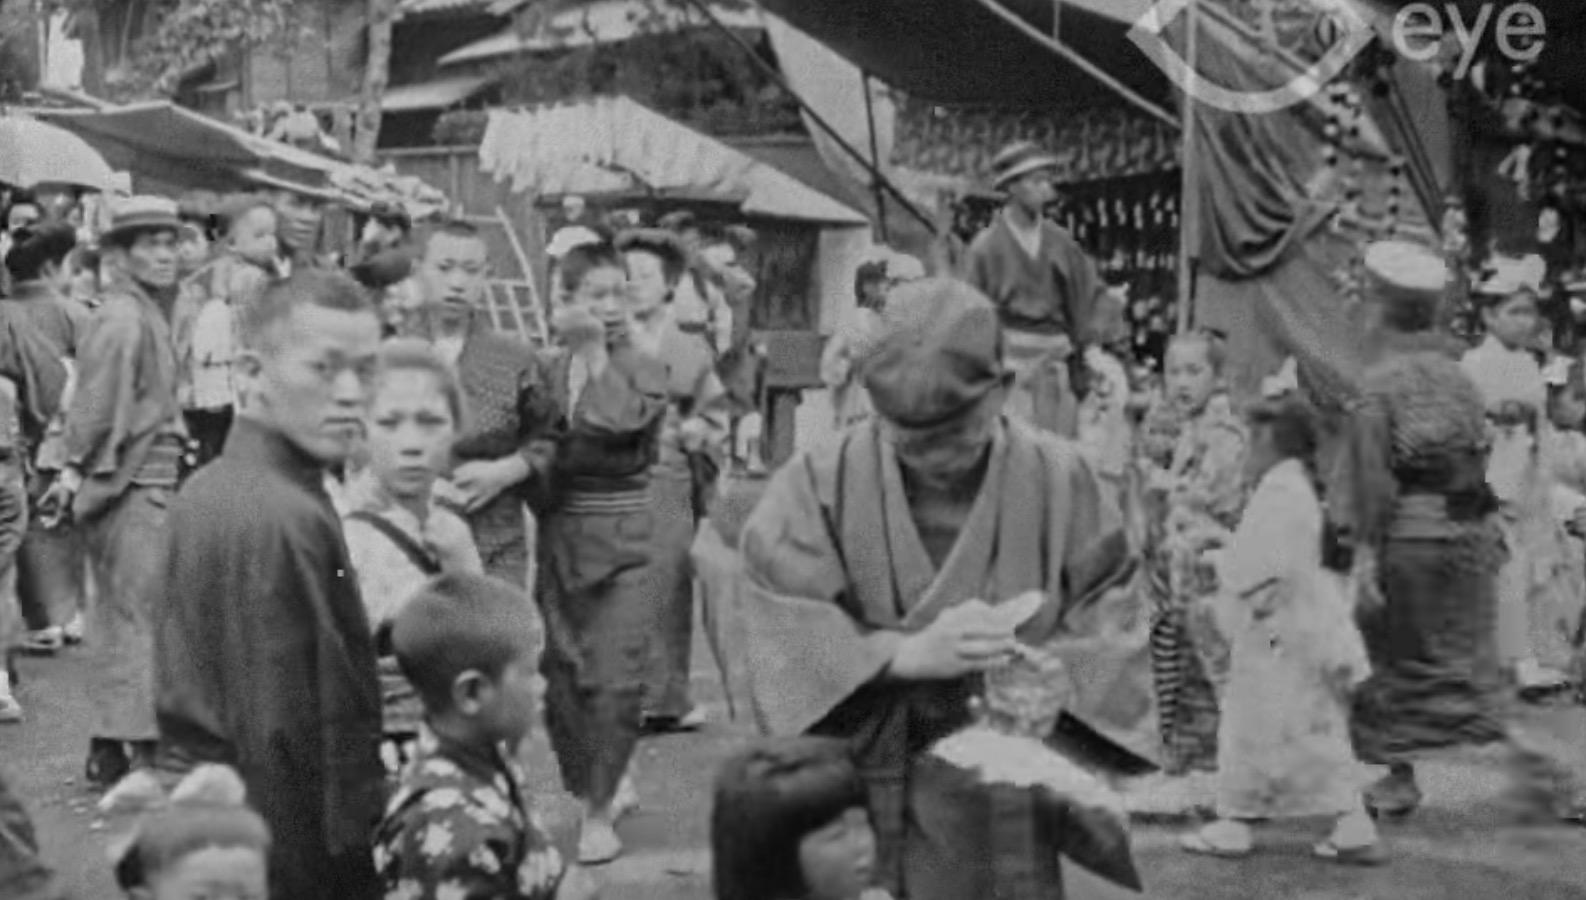 約100年前の東京の鮮明な動画が公開!音声付きで当時の雰囲気がよくわかる!!